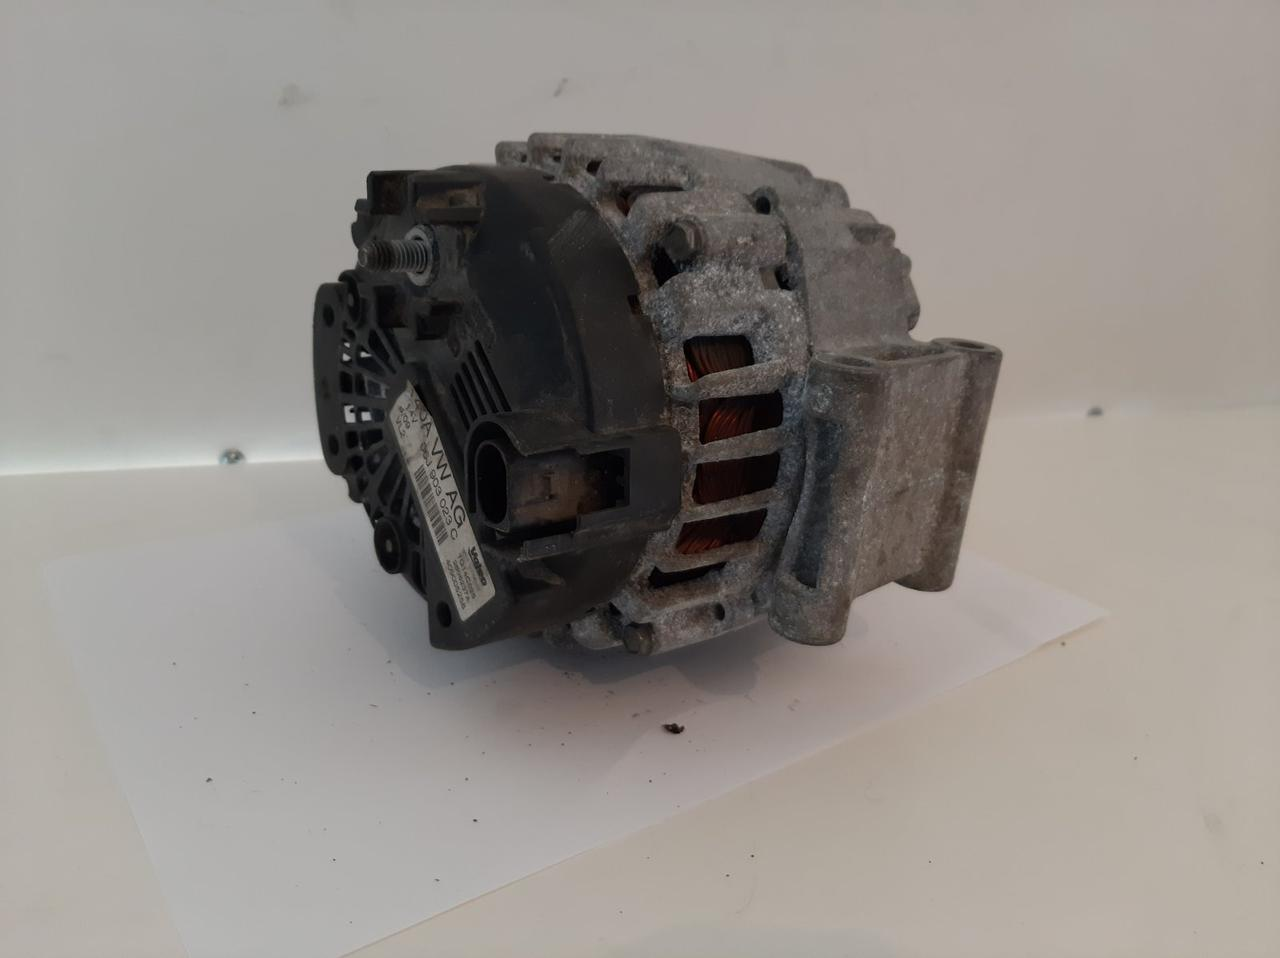 Генератор Volkswagen Passat CC 2.0 TSI 2012 гг 06J903023C